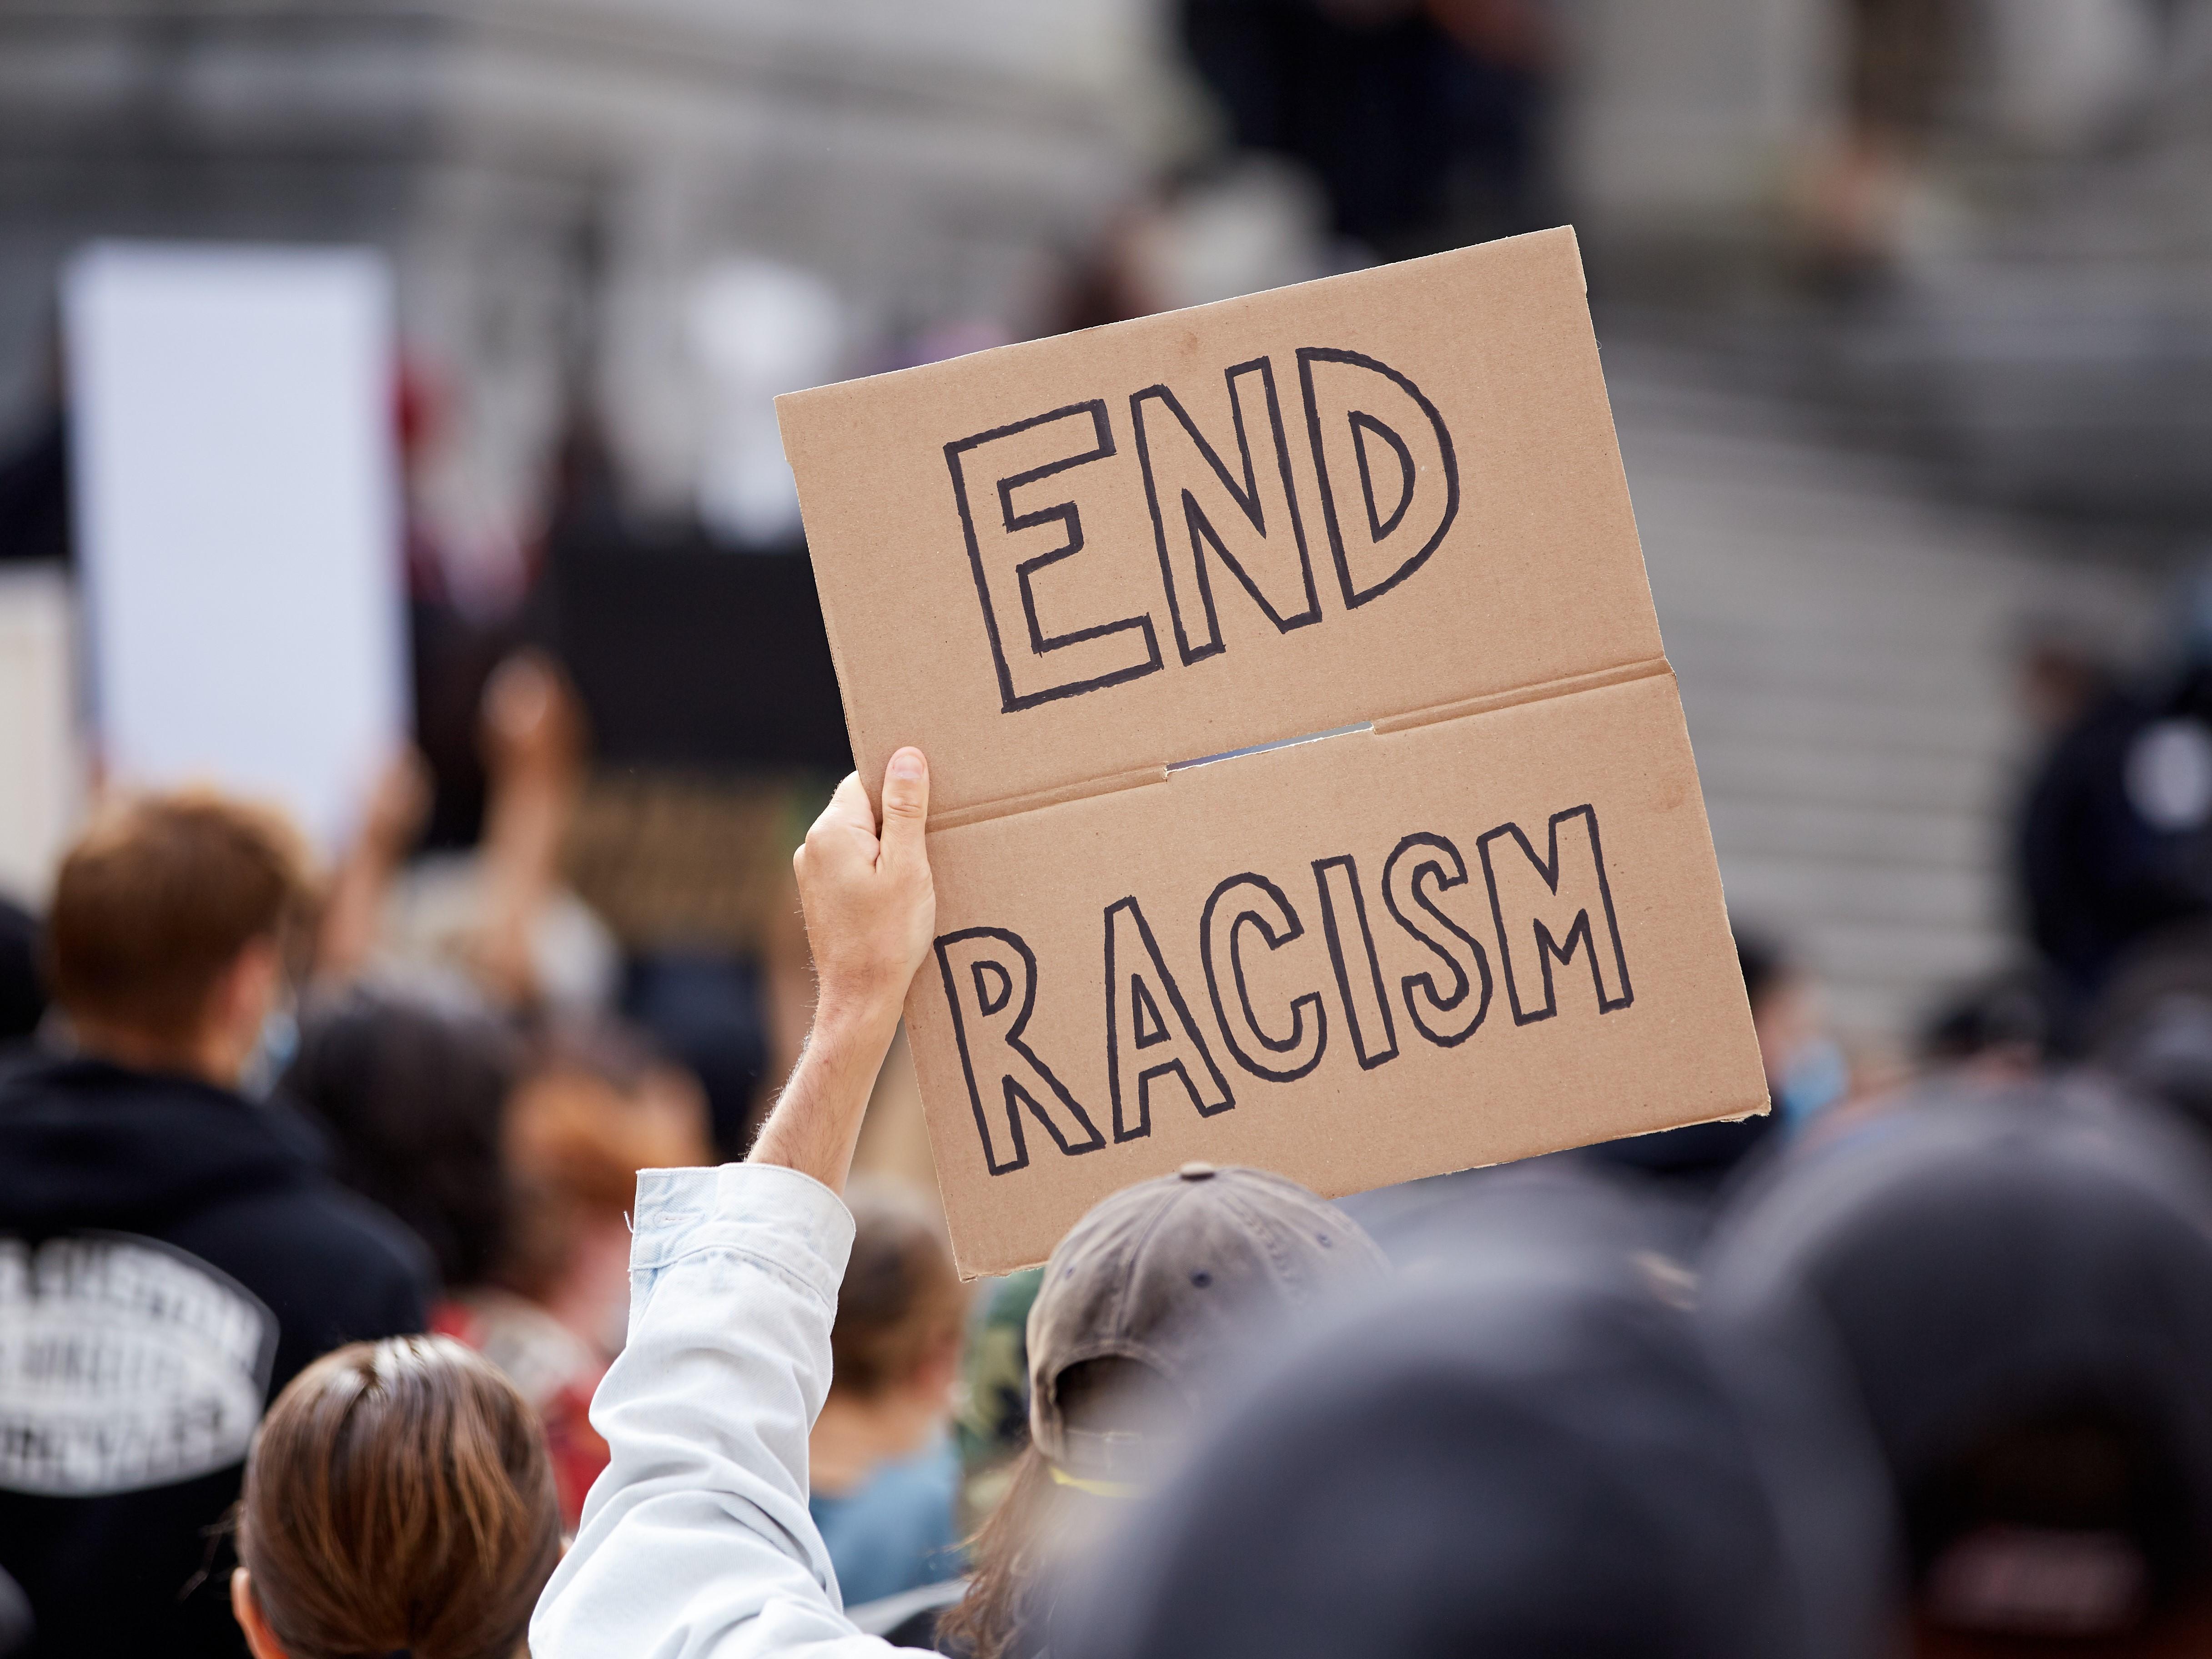 « Mettre fin au racisme », signe du rassemblement.